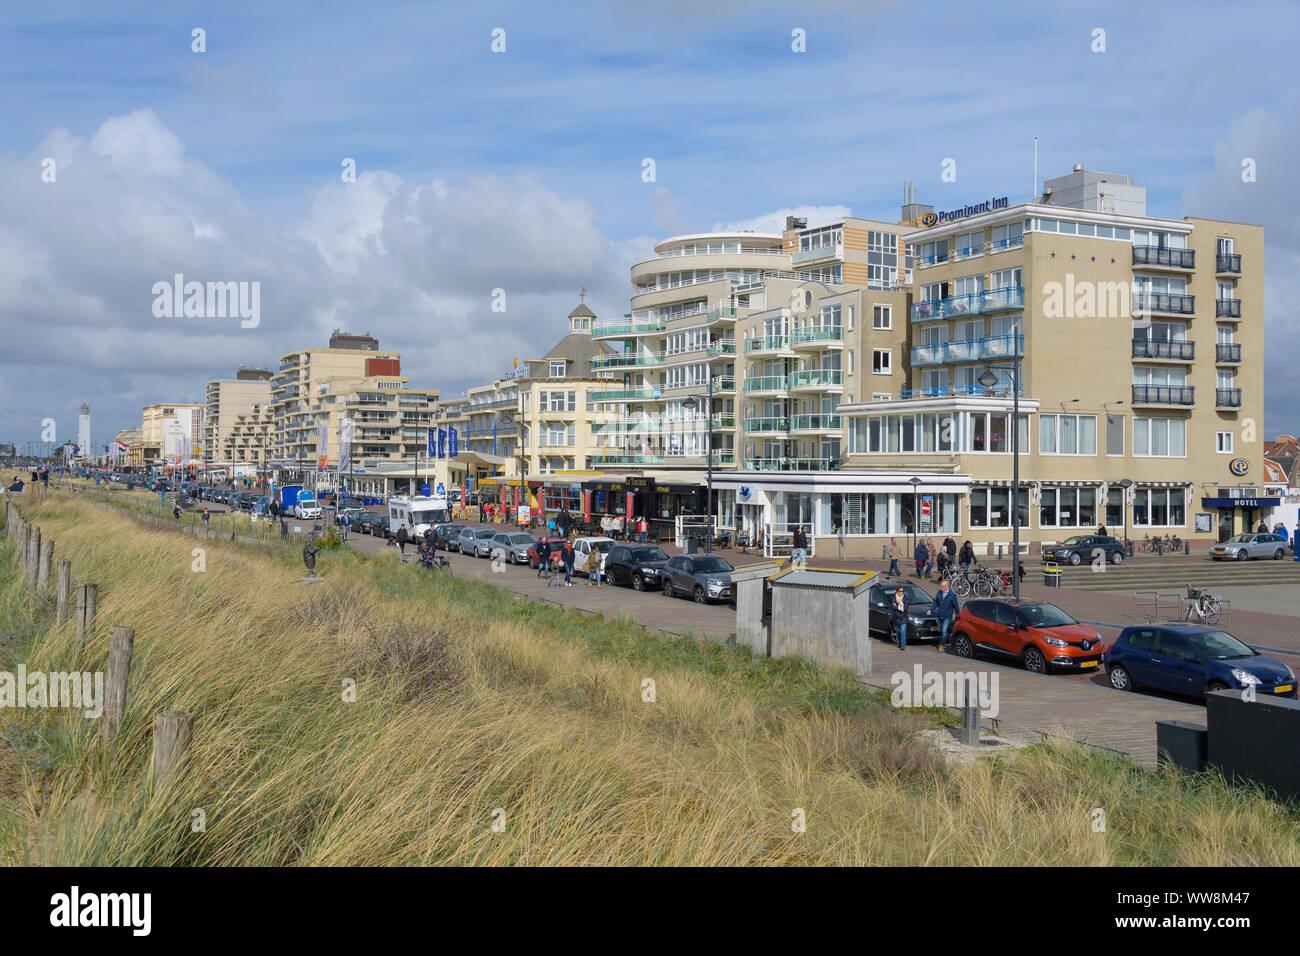 Shore street, kon. wilhelmina boulevard, with hotels, Noordwijk aan Zee, North sea, South Holland, Netherlands Stock Photo